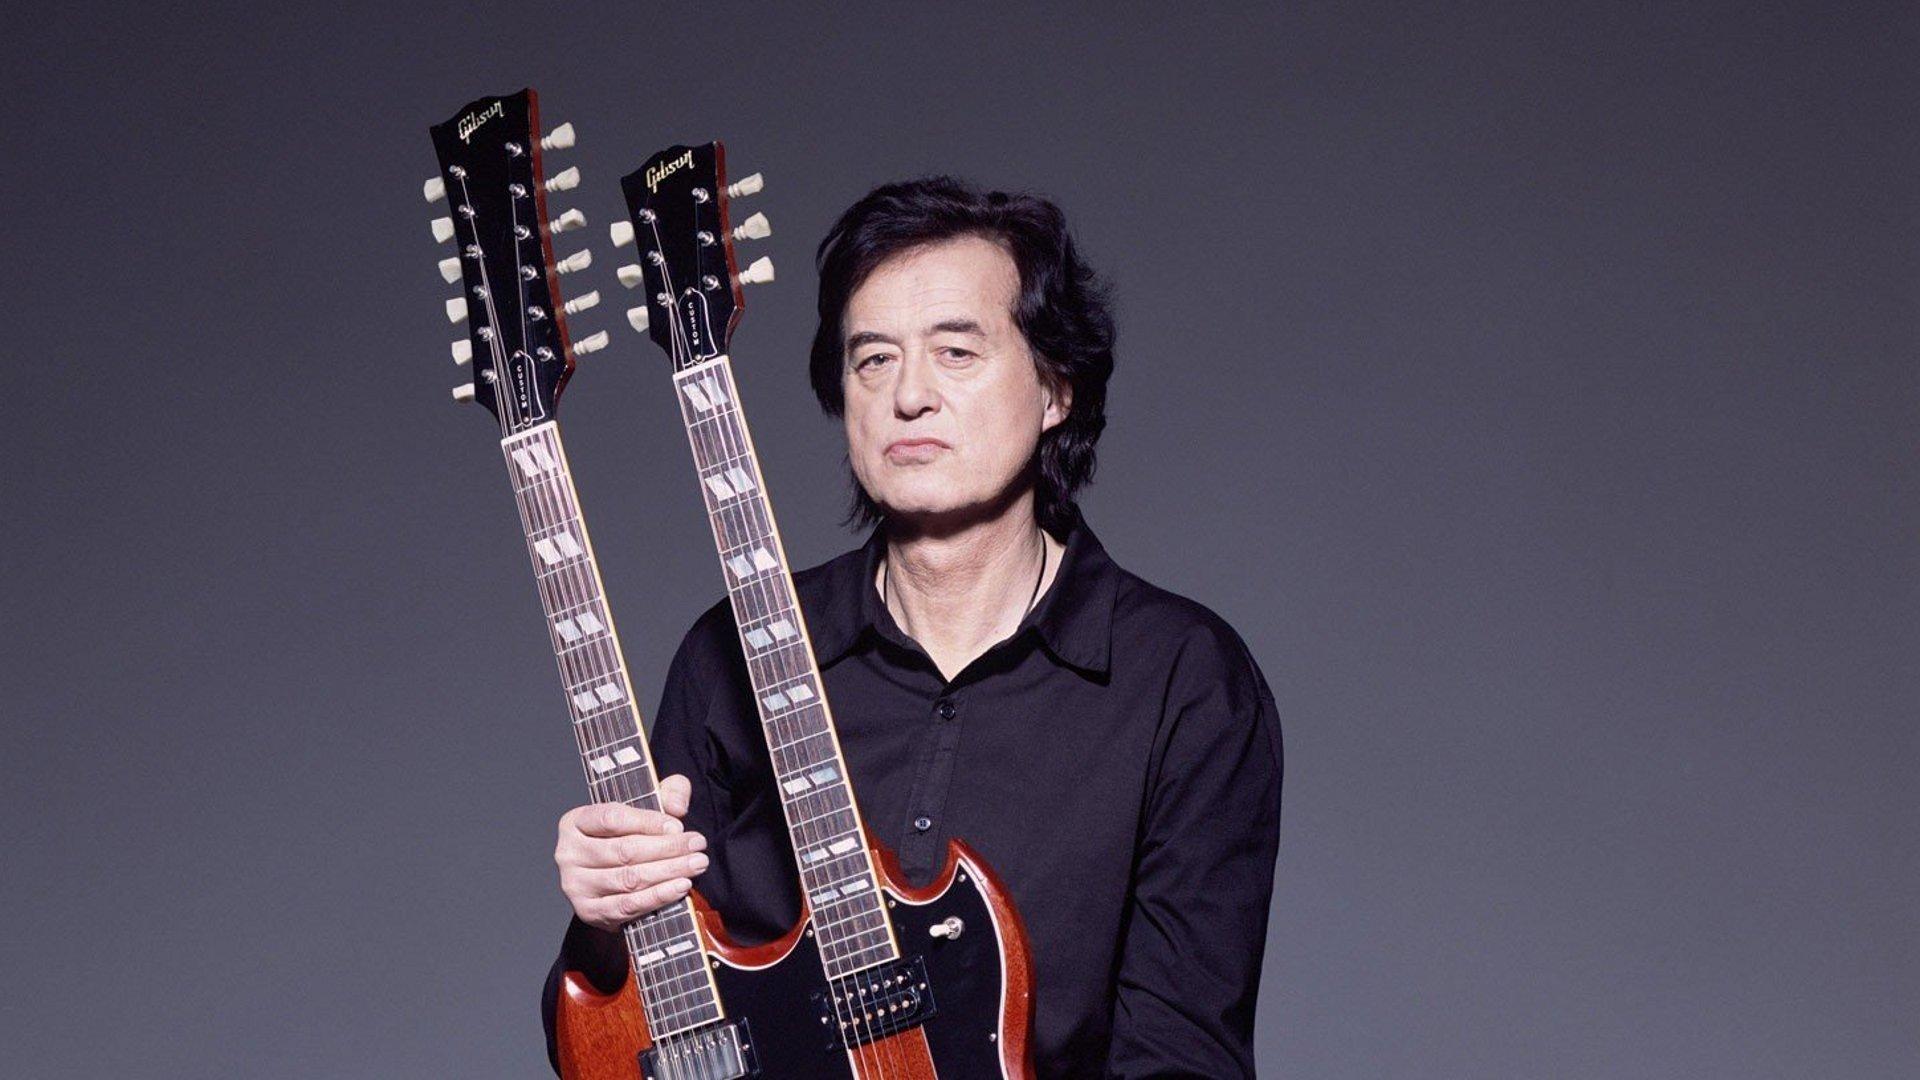 Jimmy Page Rock HD Wallpaper